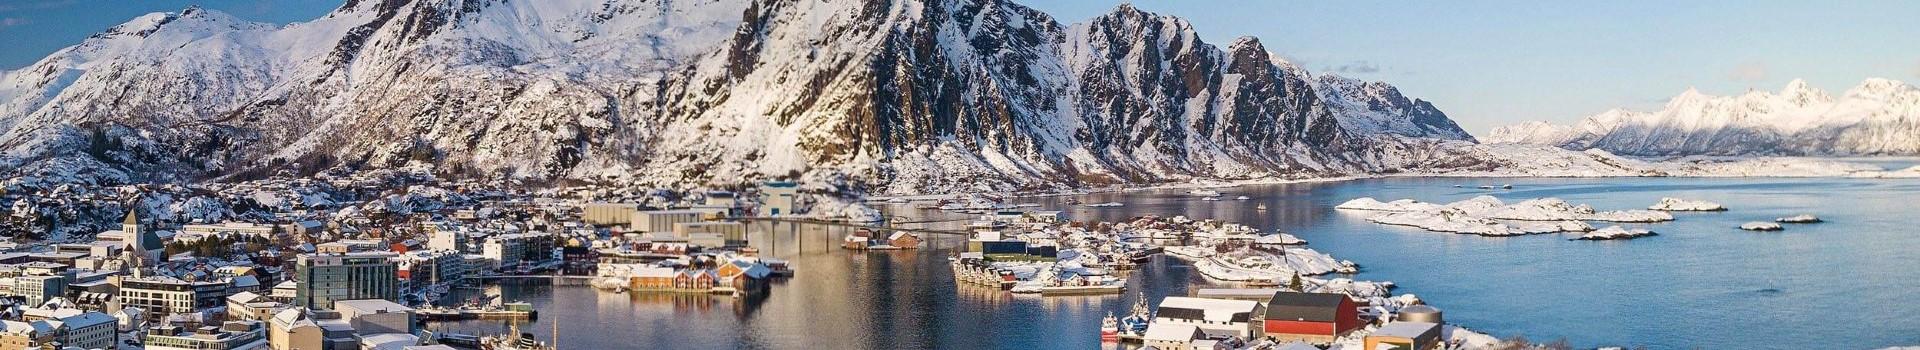 11Fjorde im Schnee